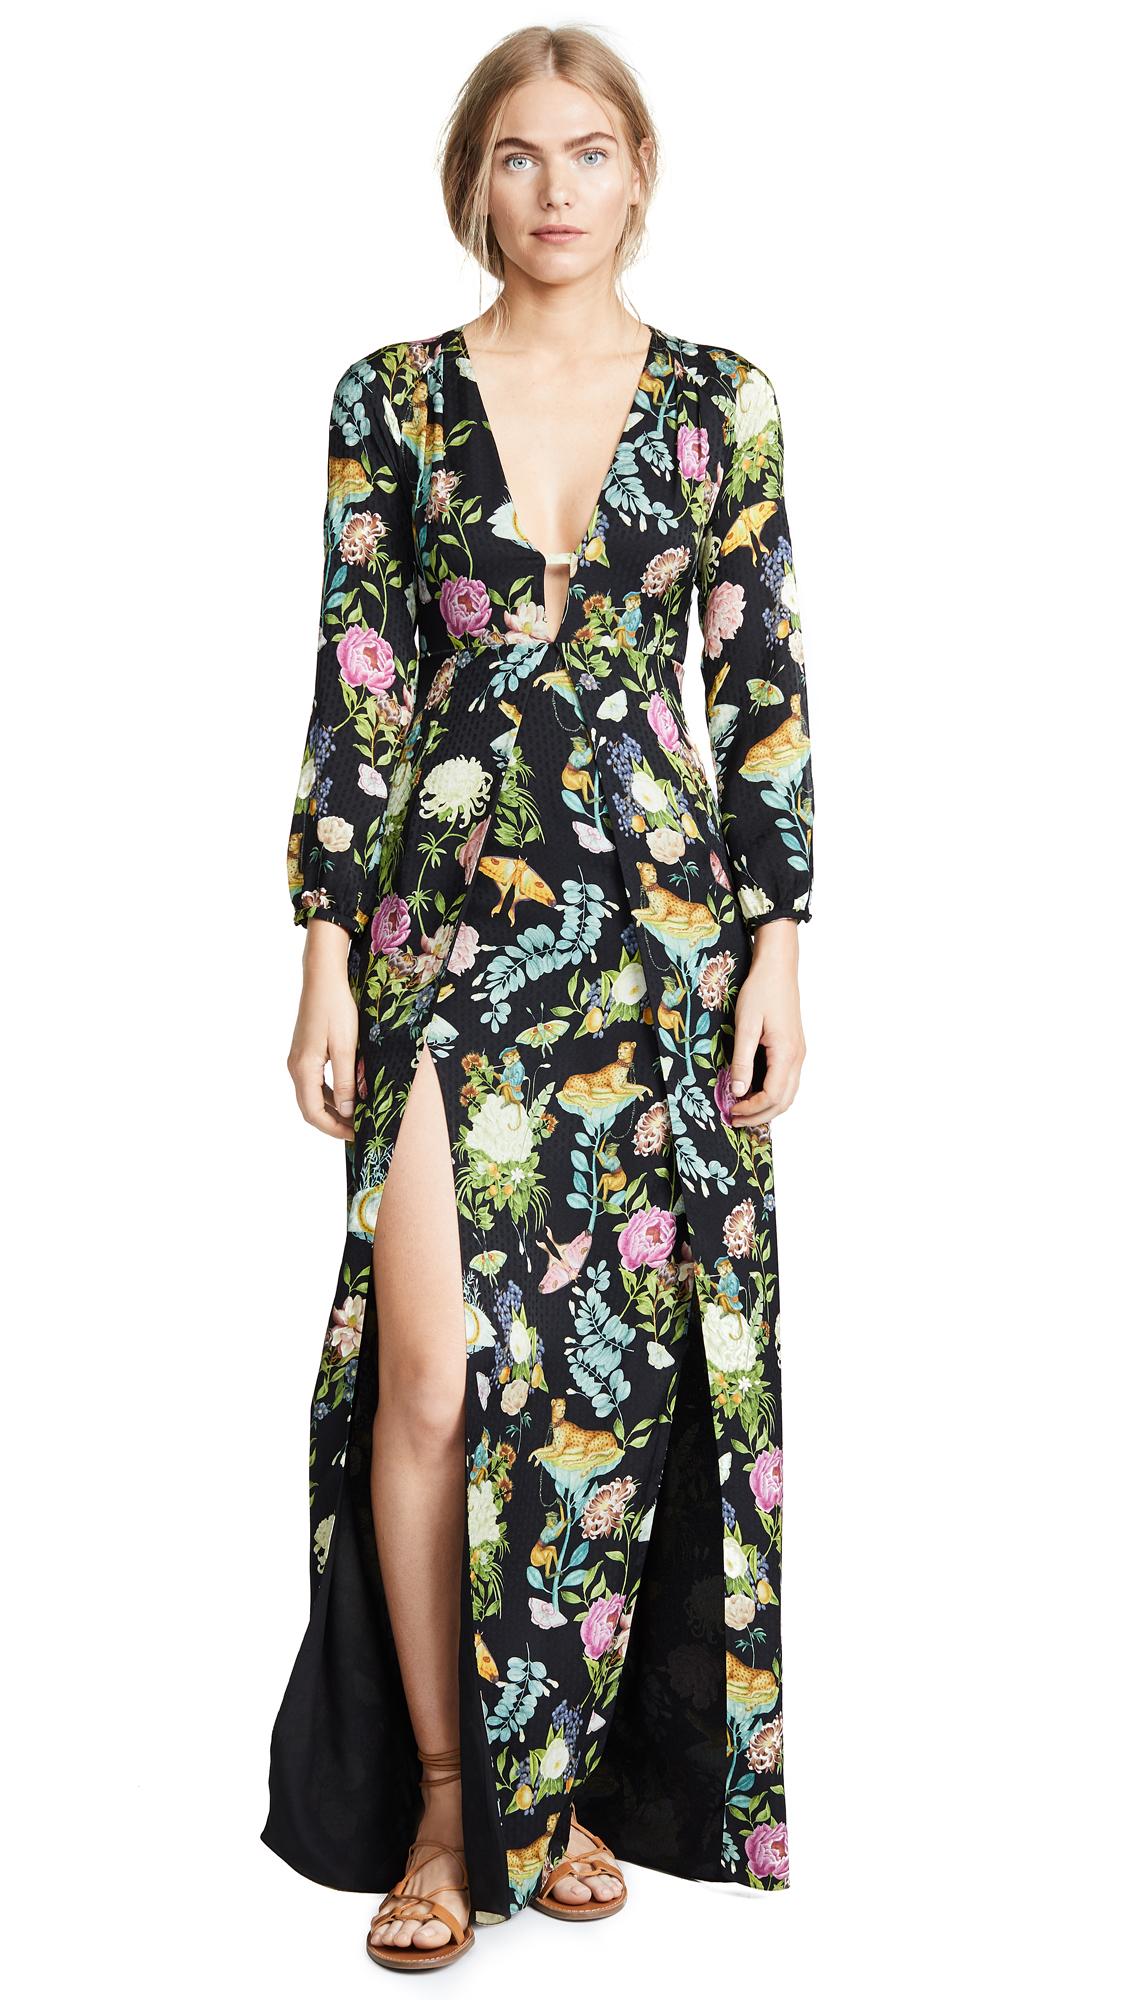 Vilshenko Briony V Neck Full Length Dress In Black/Multi